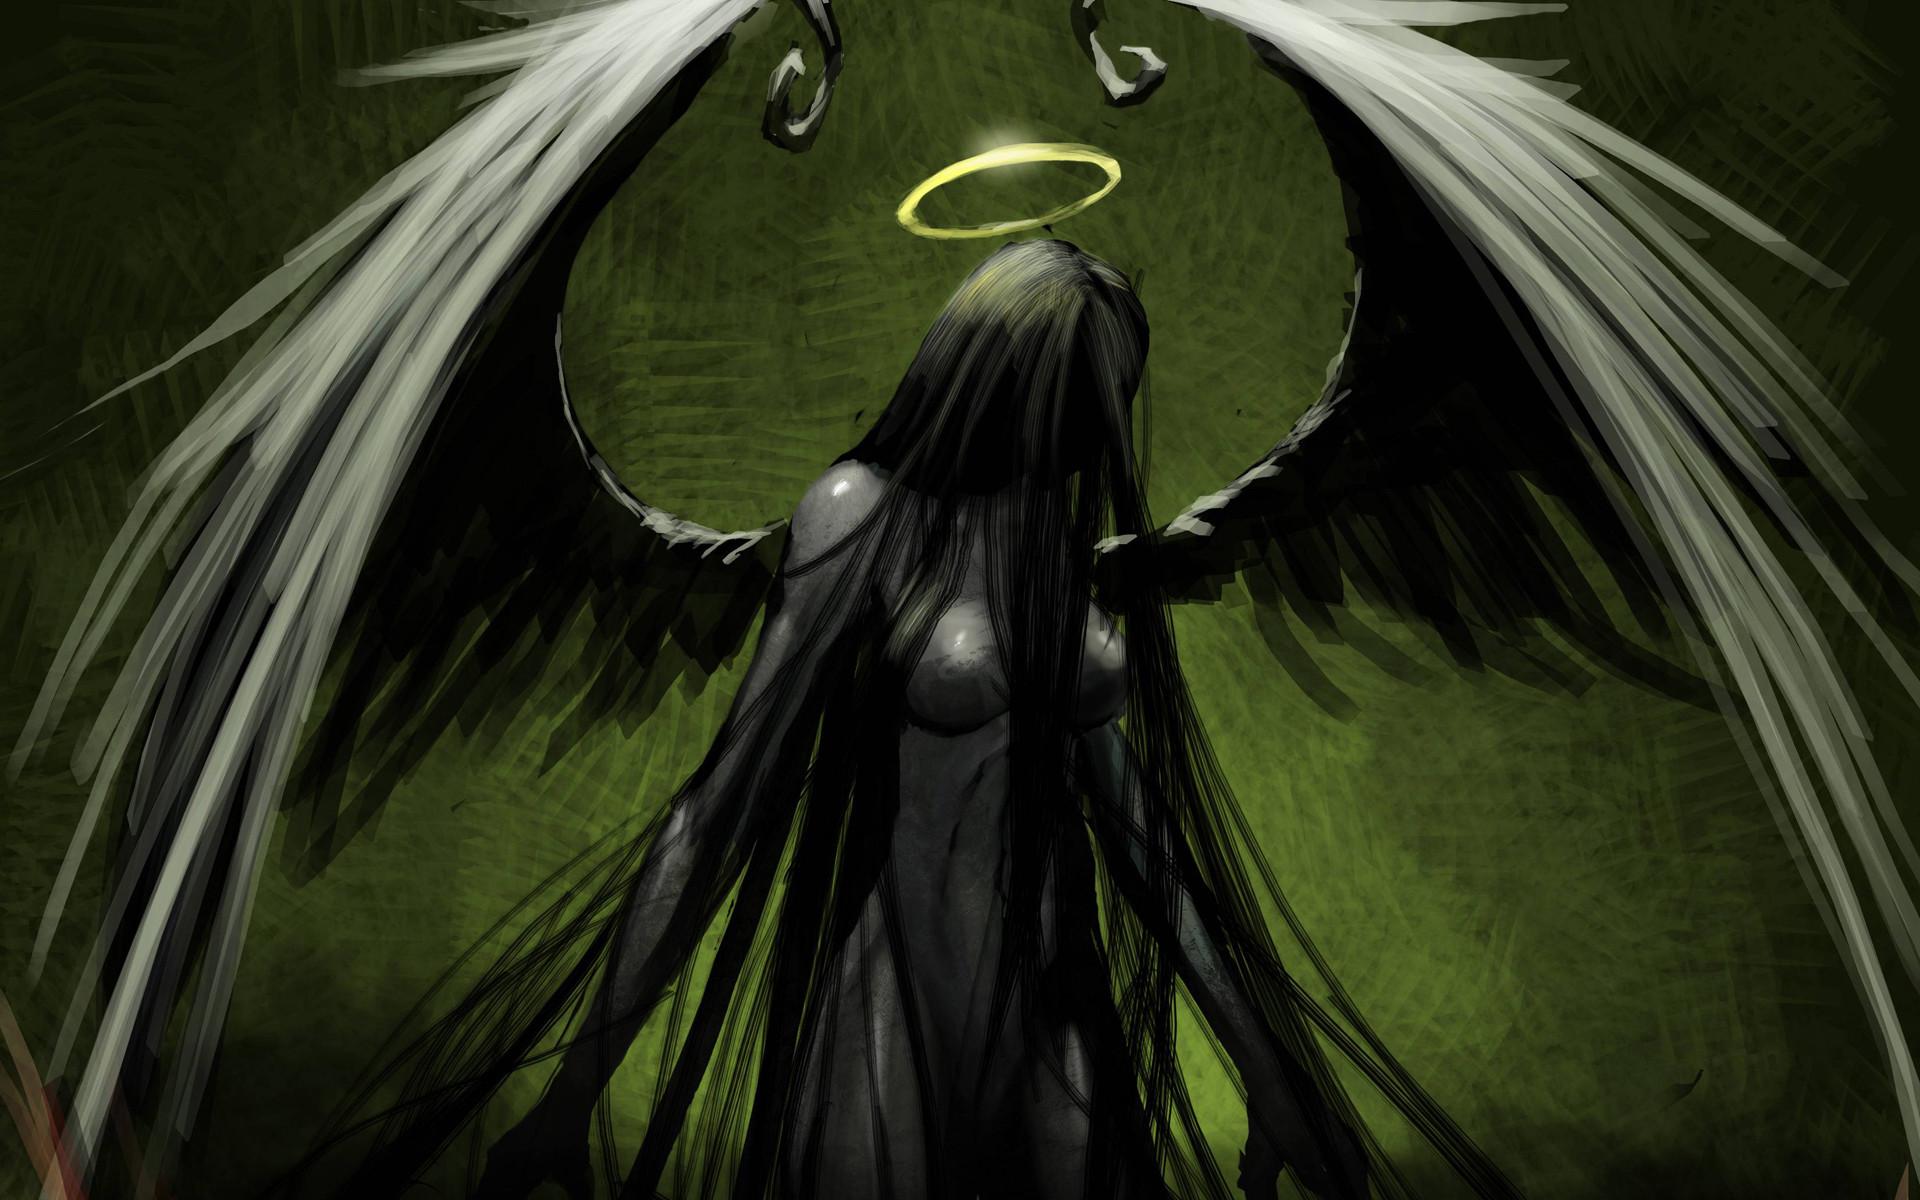 1920x1080 Grim Reaper in the cemetery Fantasy HD desktop wallpaper, Cemetery wallpaper, Grim Reaper wallpaper, Death wallpaper, Candle wallpaper - Fantasy ...